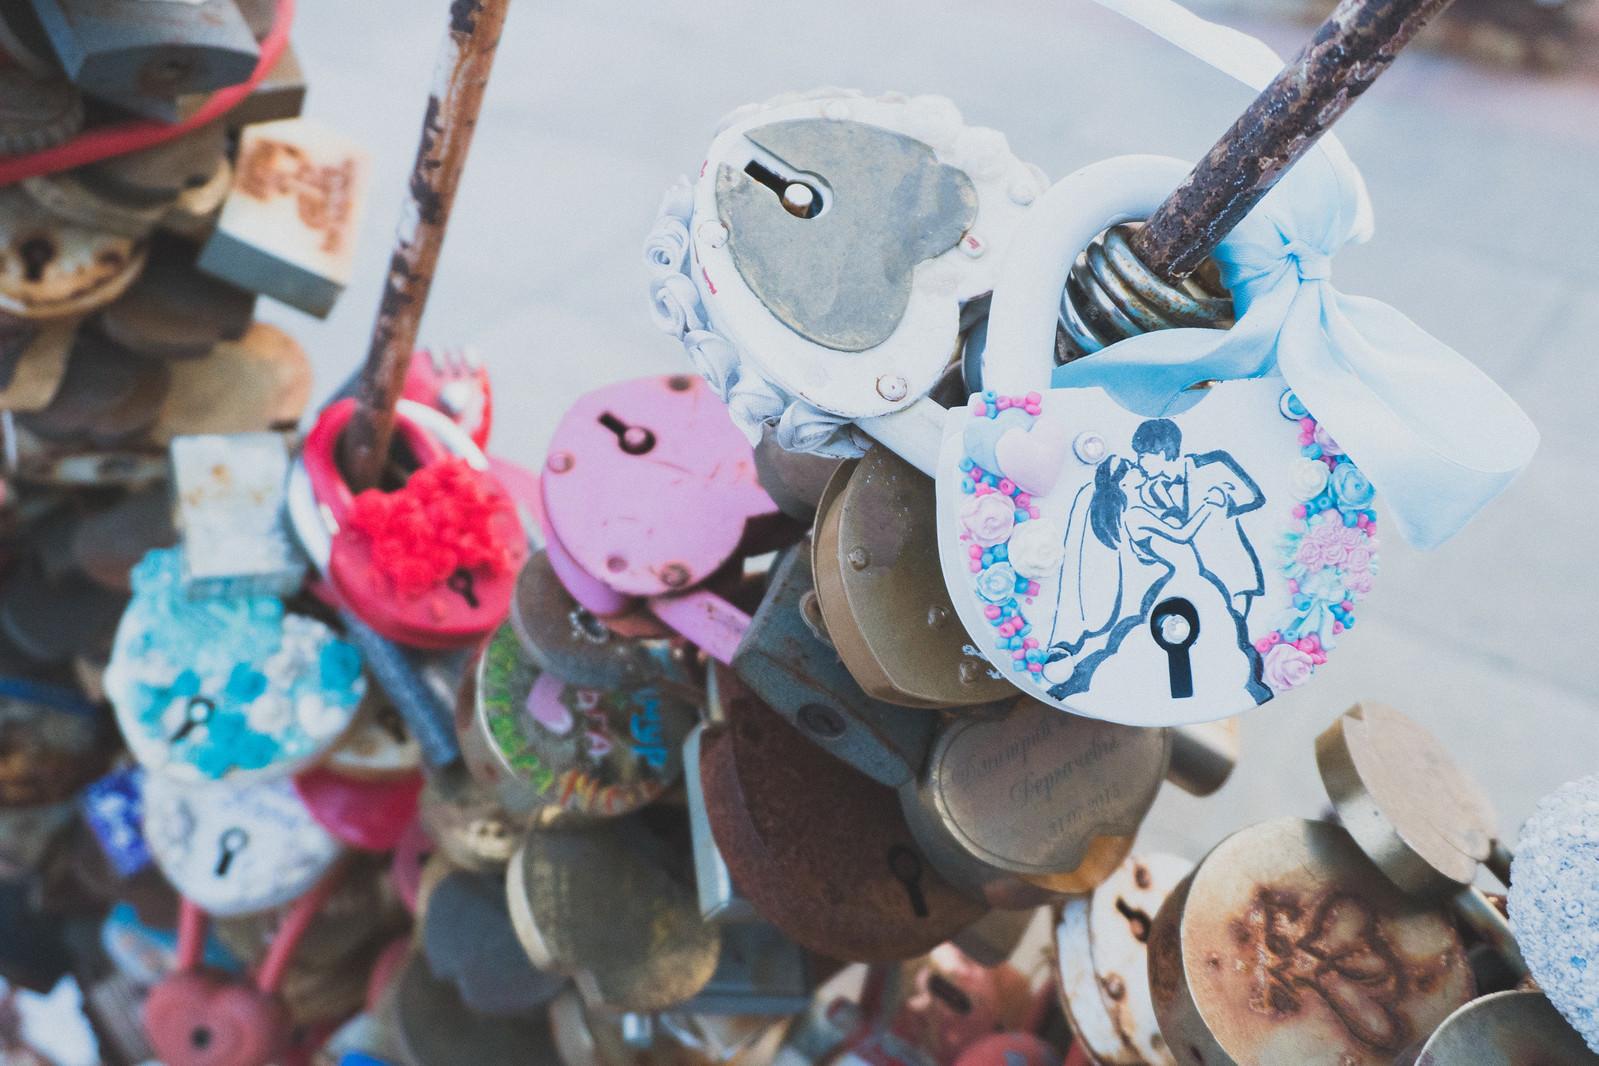 「観光地に取り付けられたハート型の南京錠」の写真